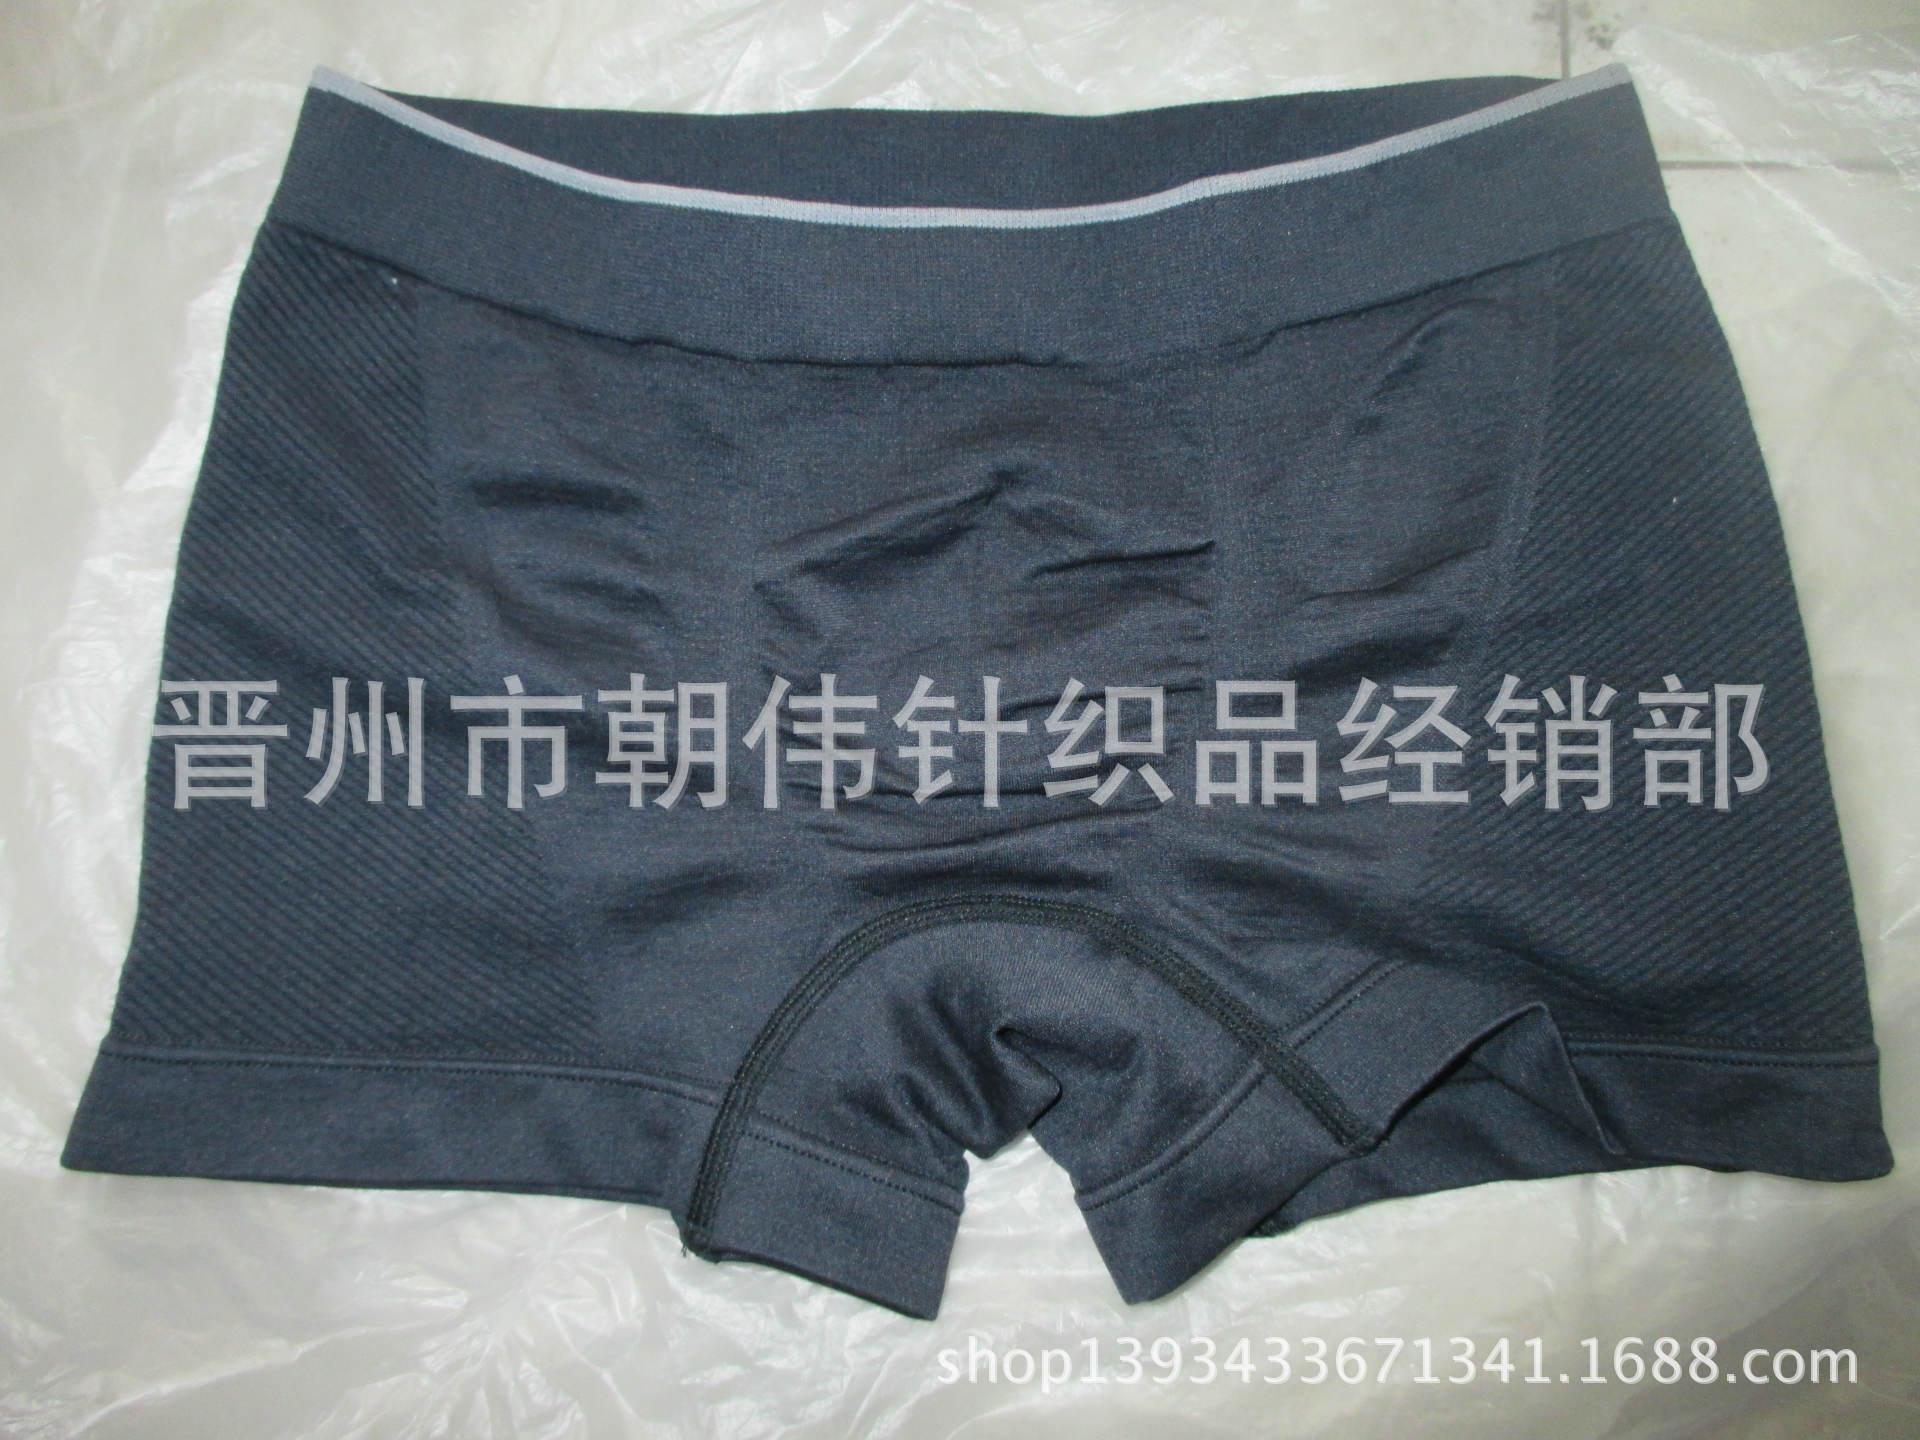 男士内裤 批发男士平头内裤 安全裤 价格便宜 地摊甩卖 阿里巴巴